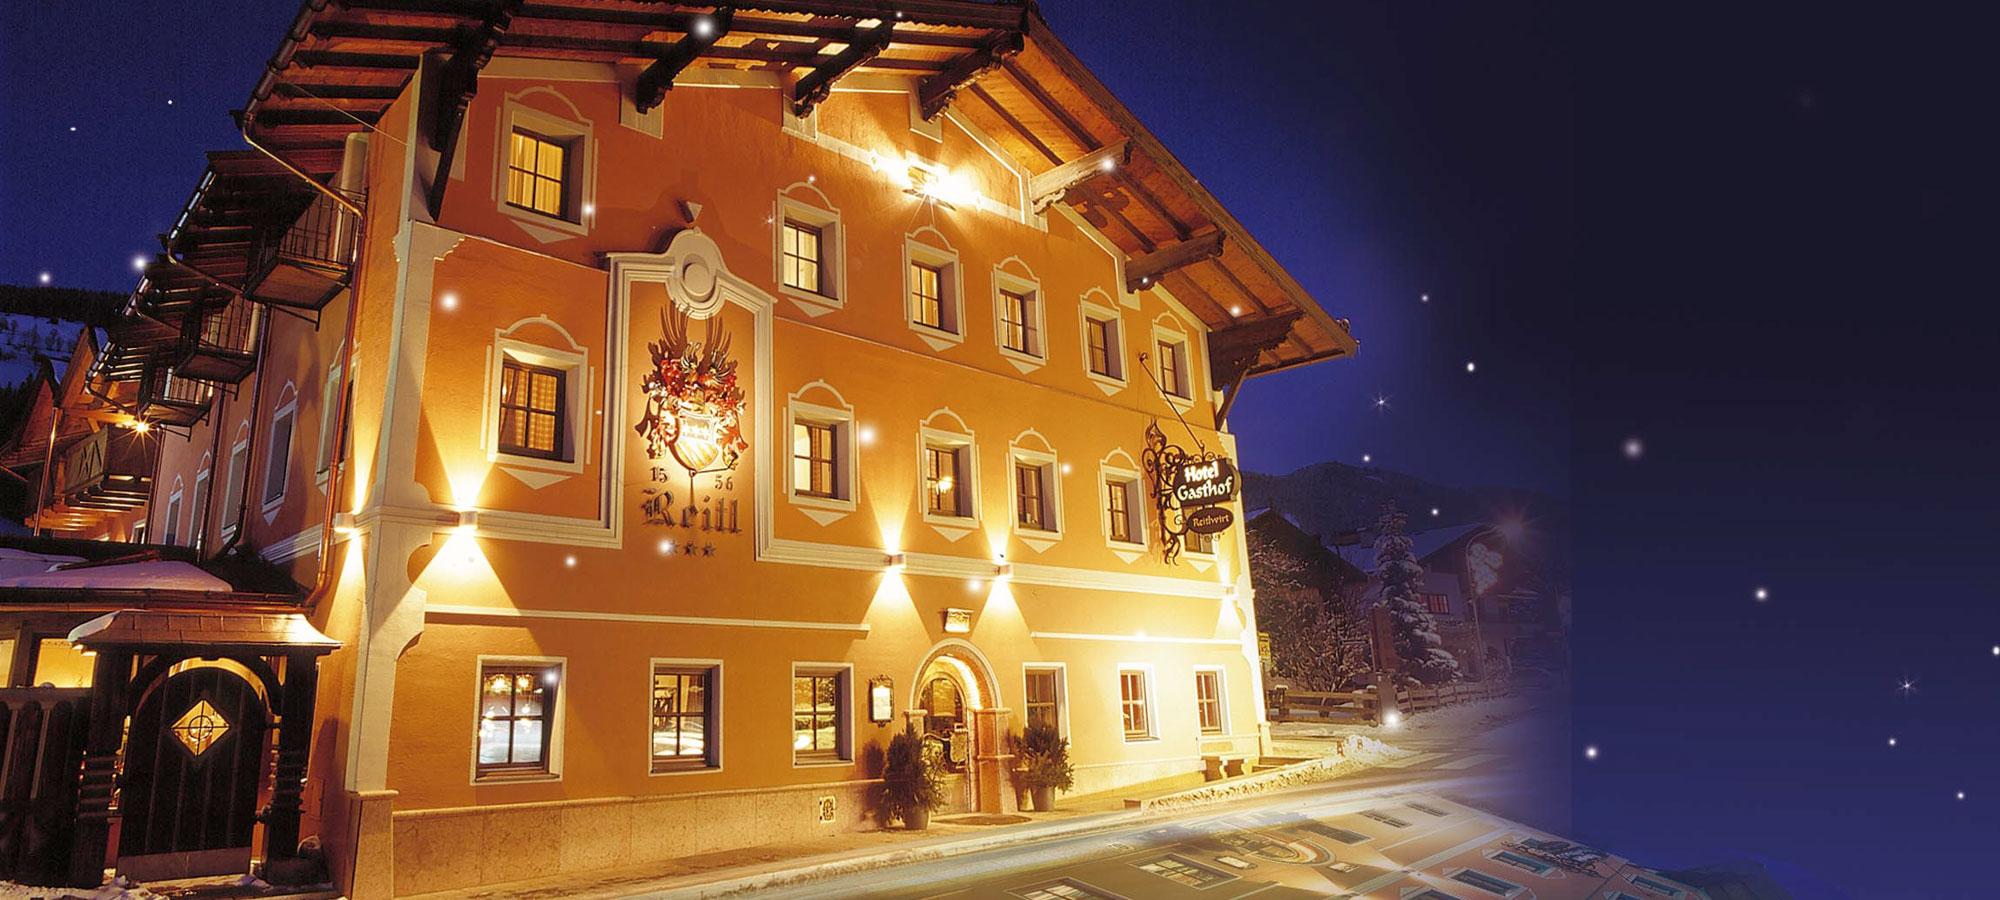 GLHBIRNSTADL BRIXEN IM THALE: SkiWelt Wilder Kaiser